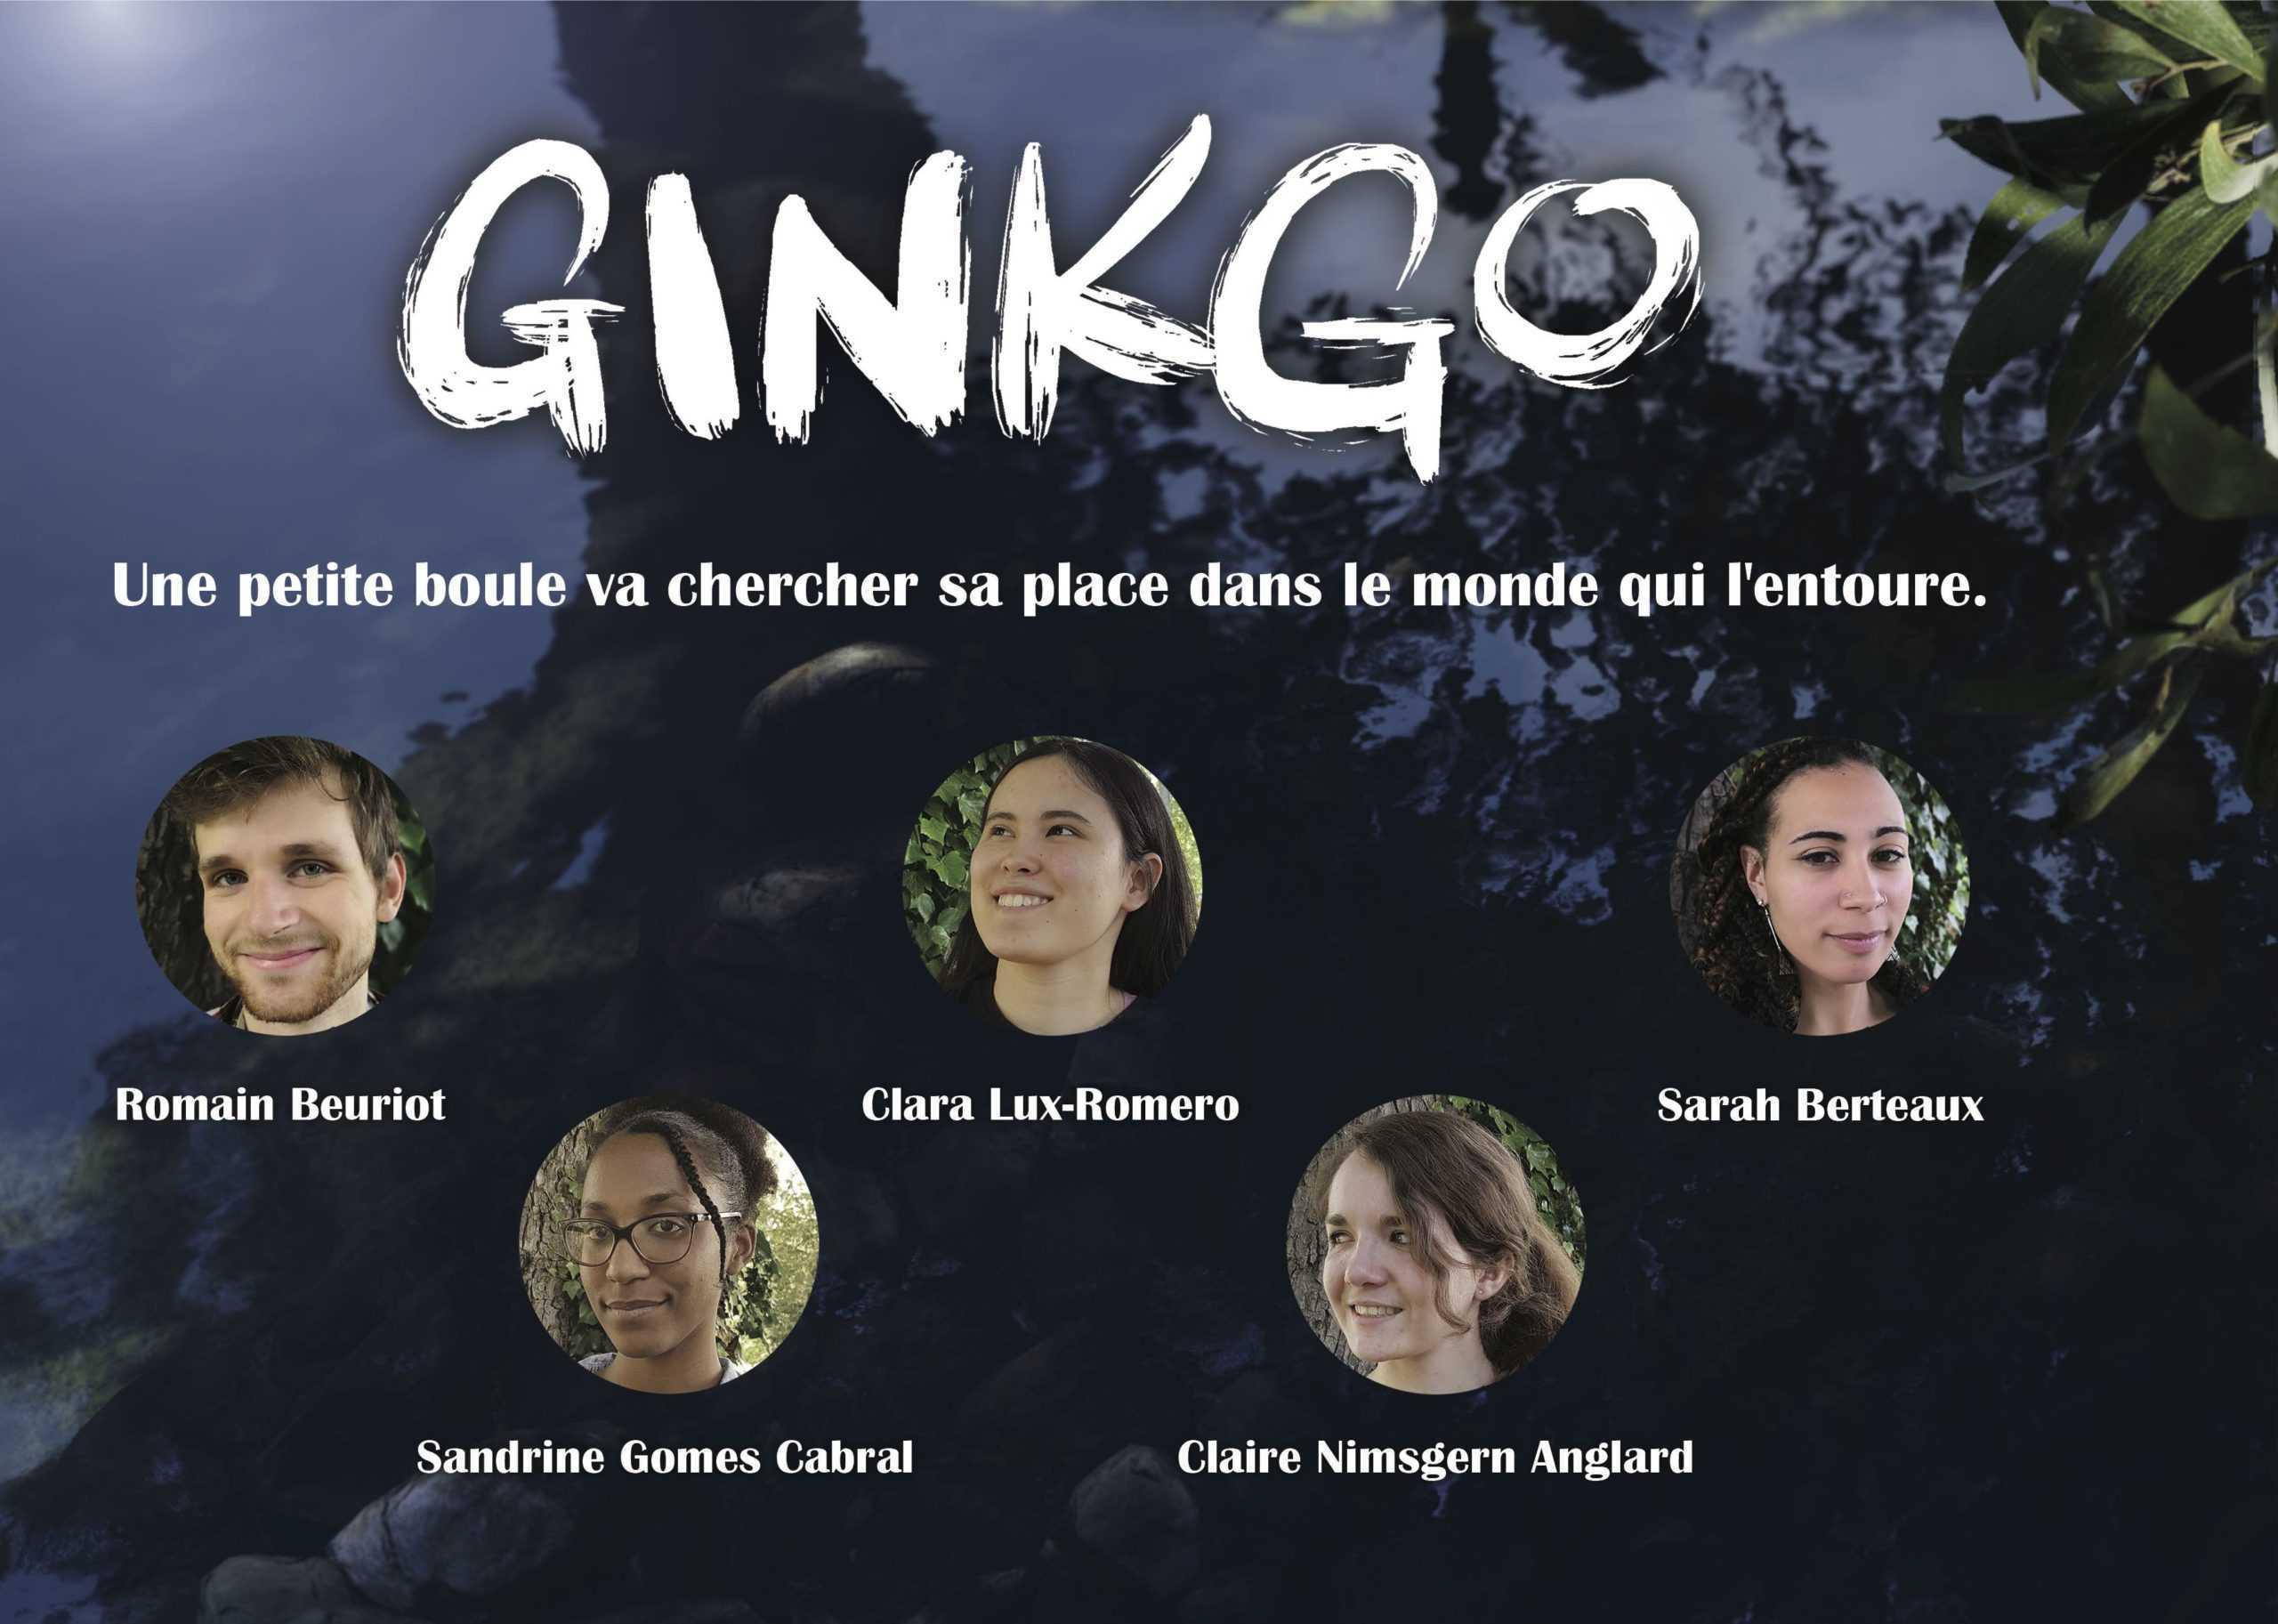 ginkgo-1-scaled.jpg